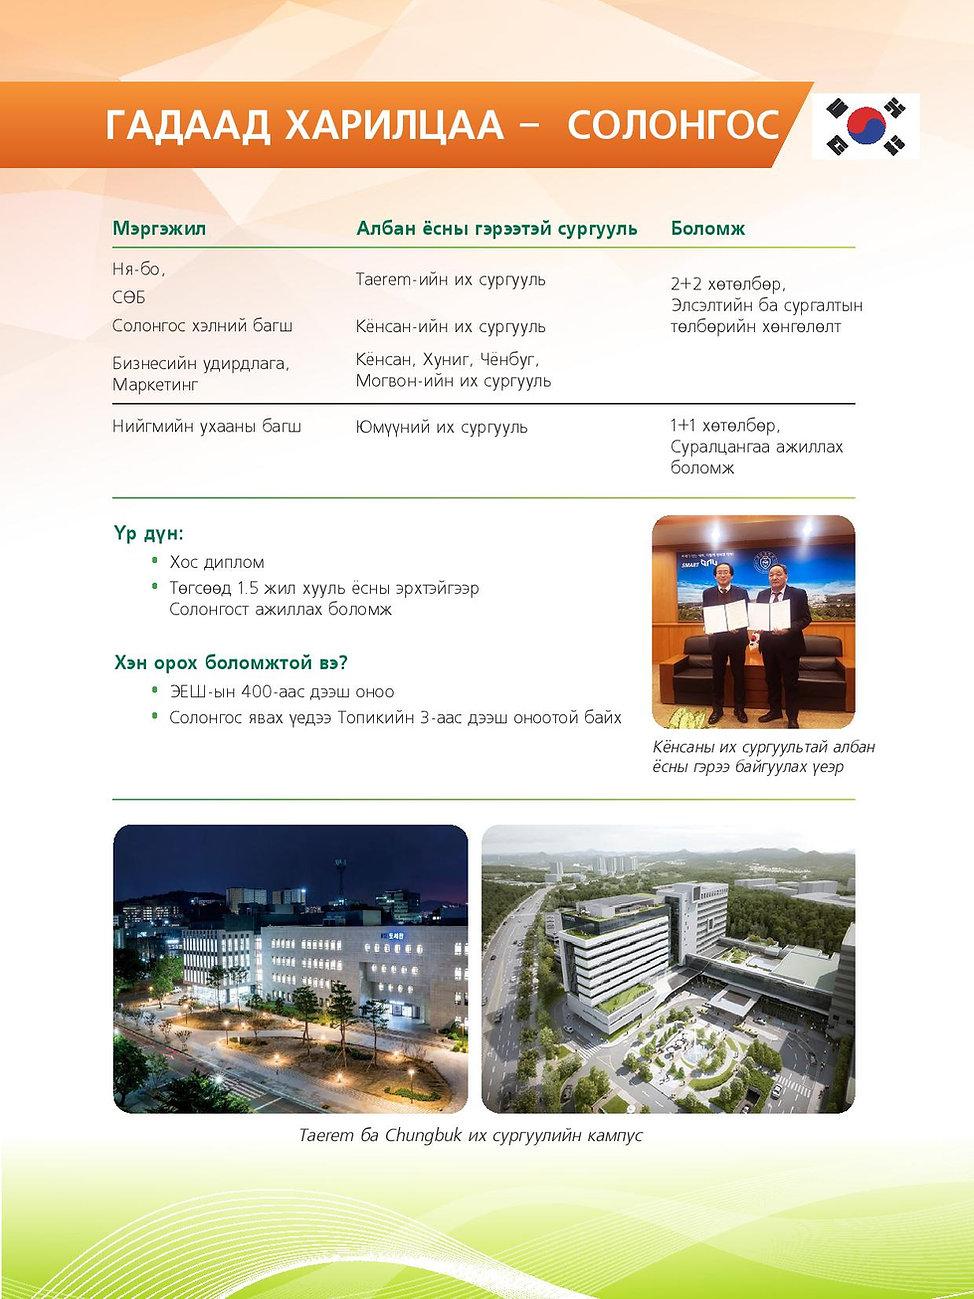 IDER-page-006.jpg